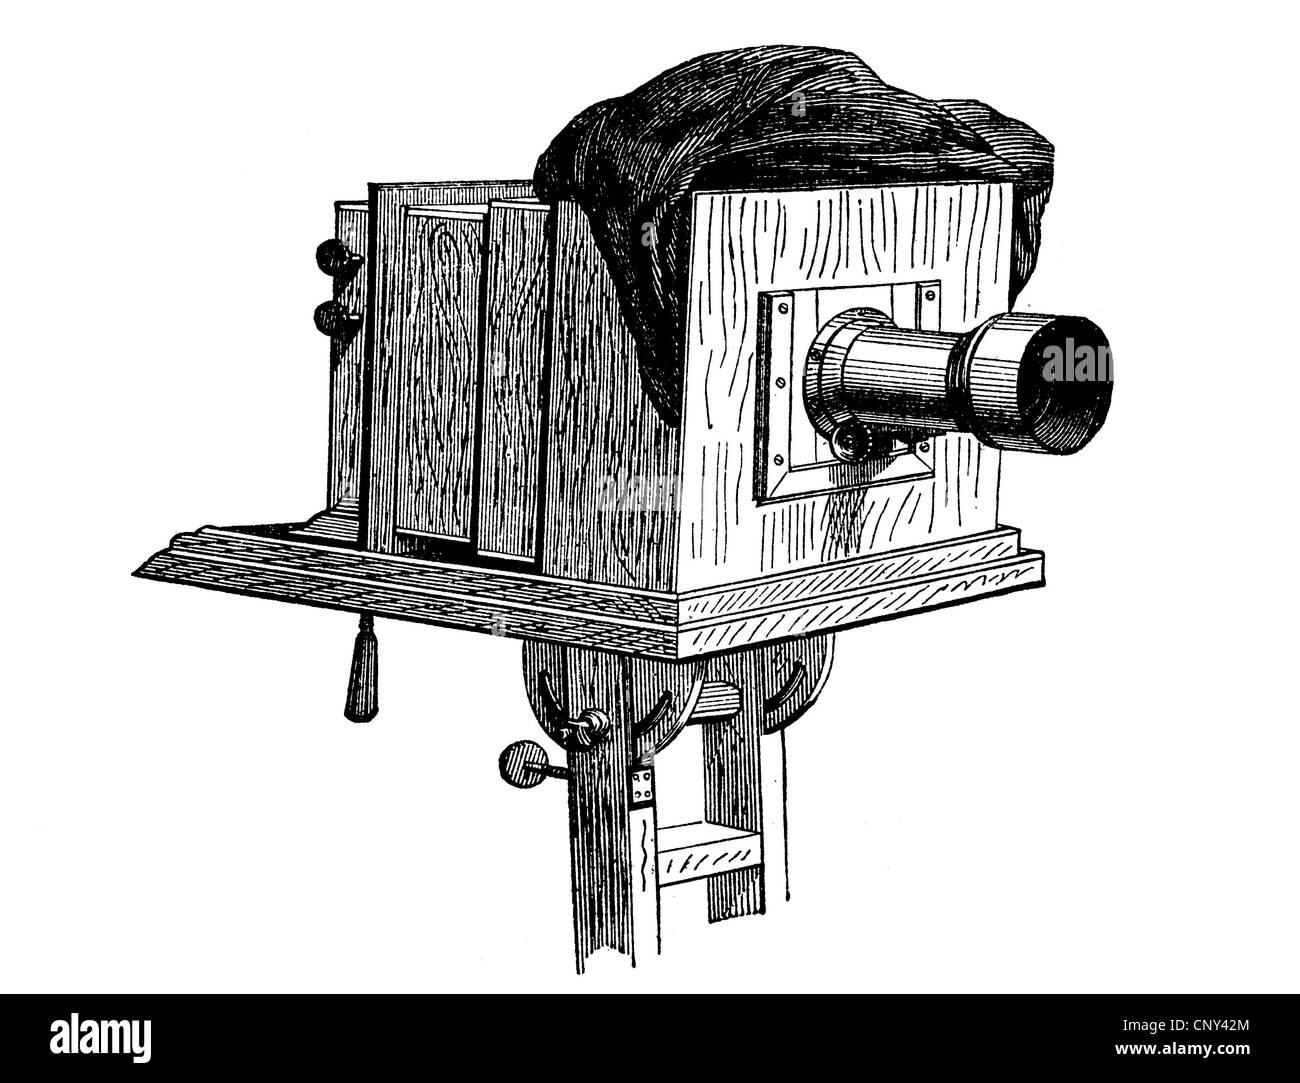 Camera, plate camera, historical wood engraving, circa 1888 - Stock Image